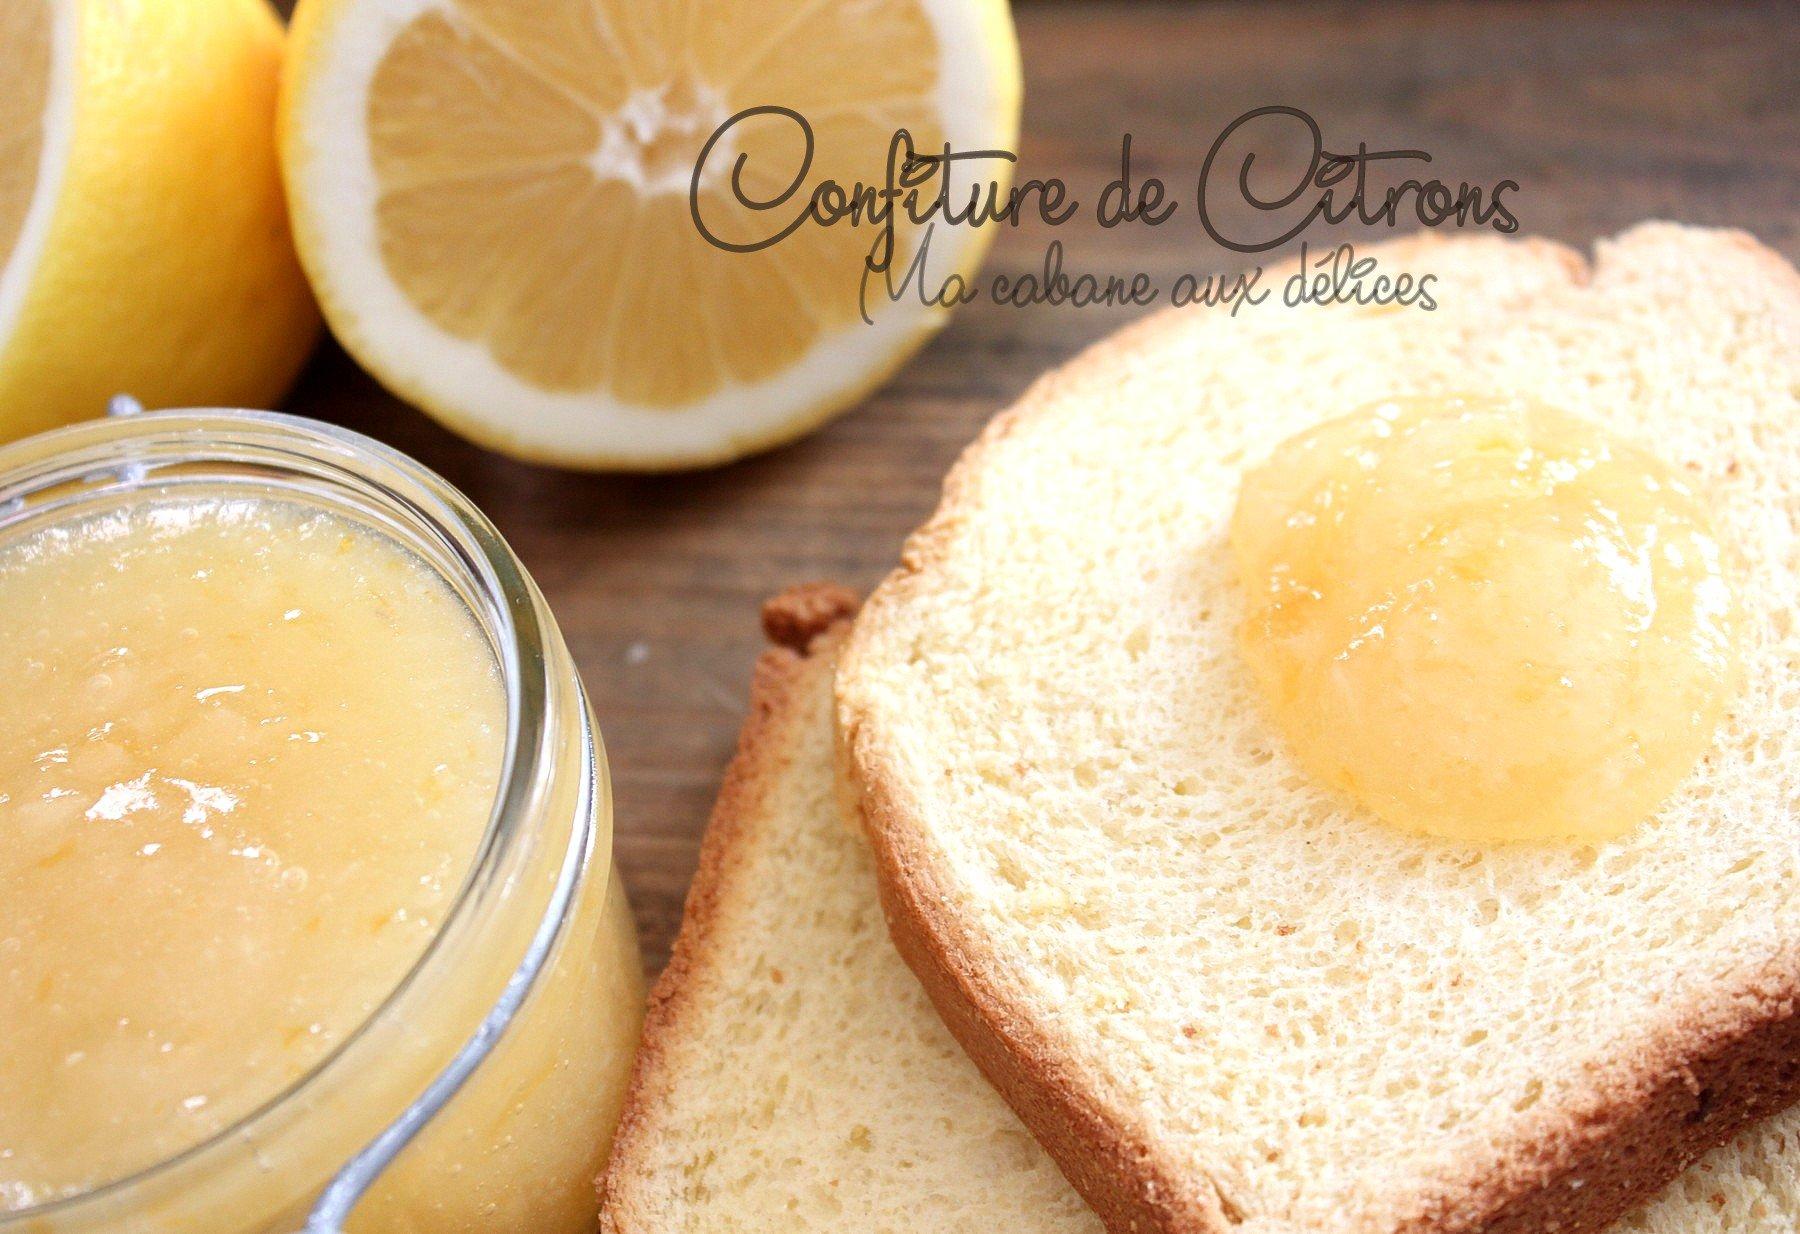 Confiture de citrons jaunes de Menton